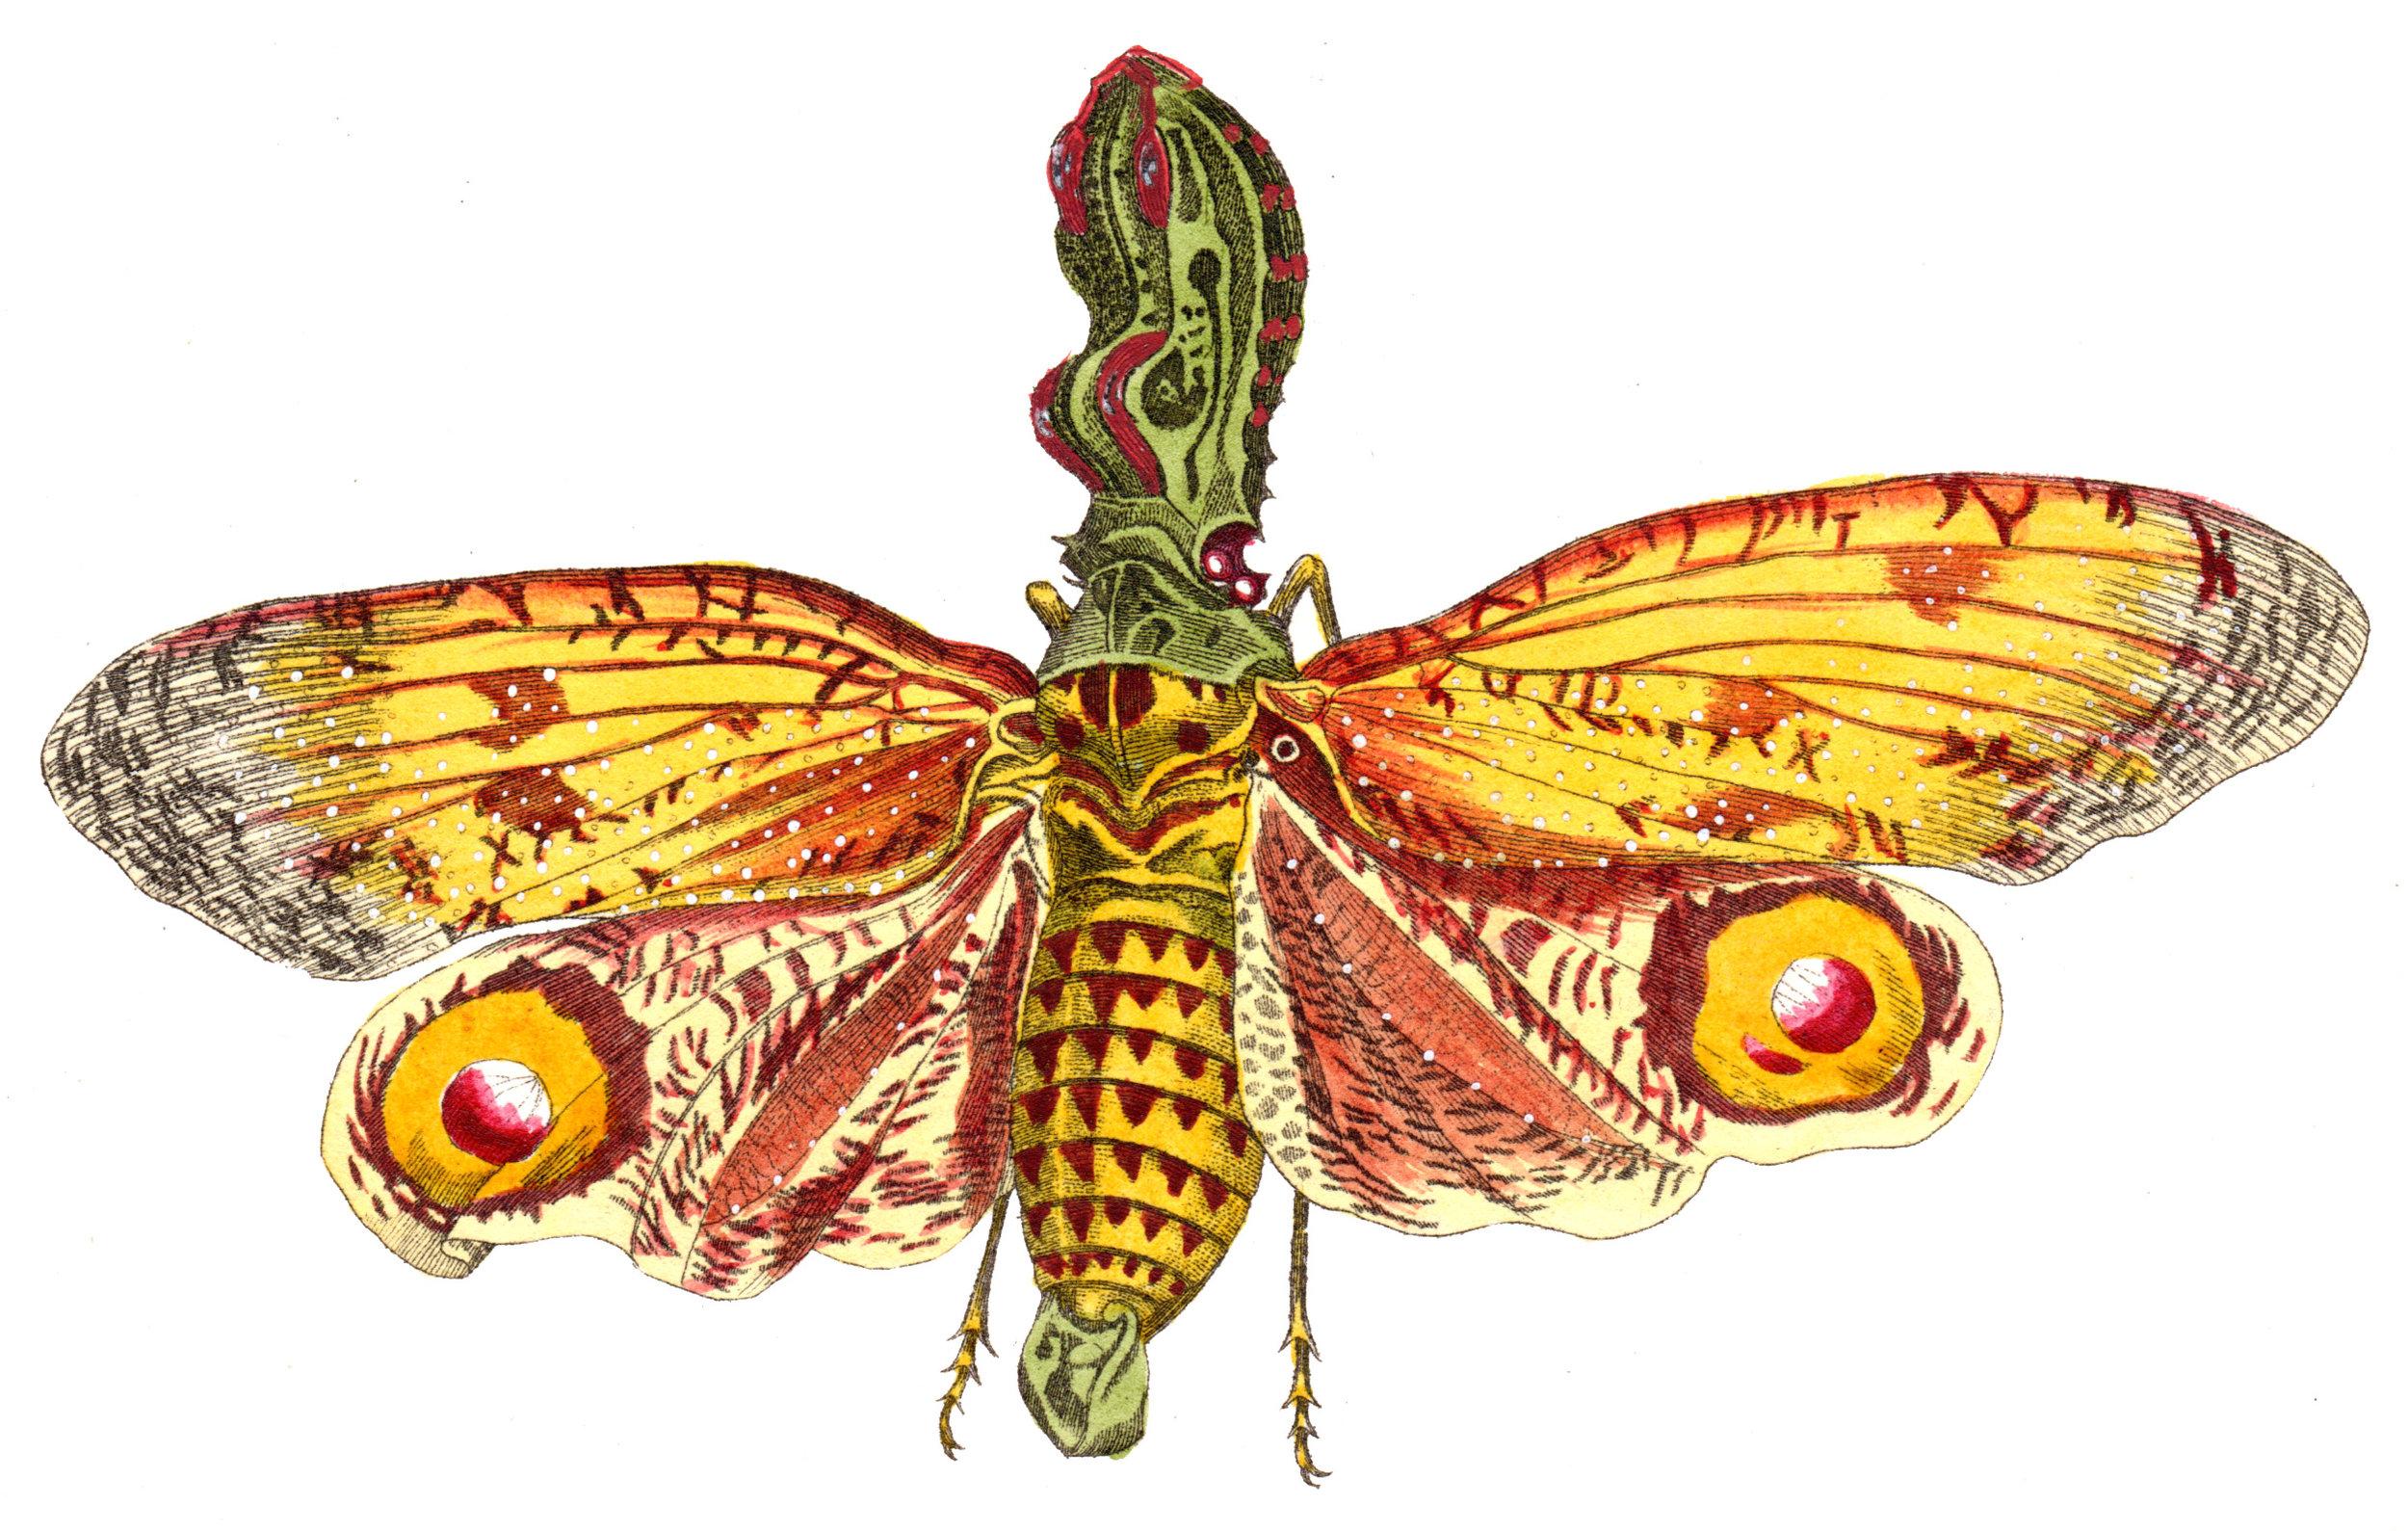 Shaw, George / Nodder, Frederick & Robert P. –Butterflies, Caterpillars, etc.